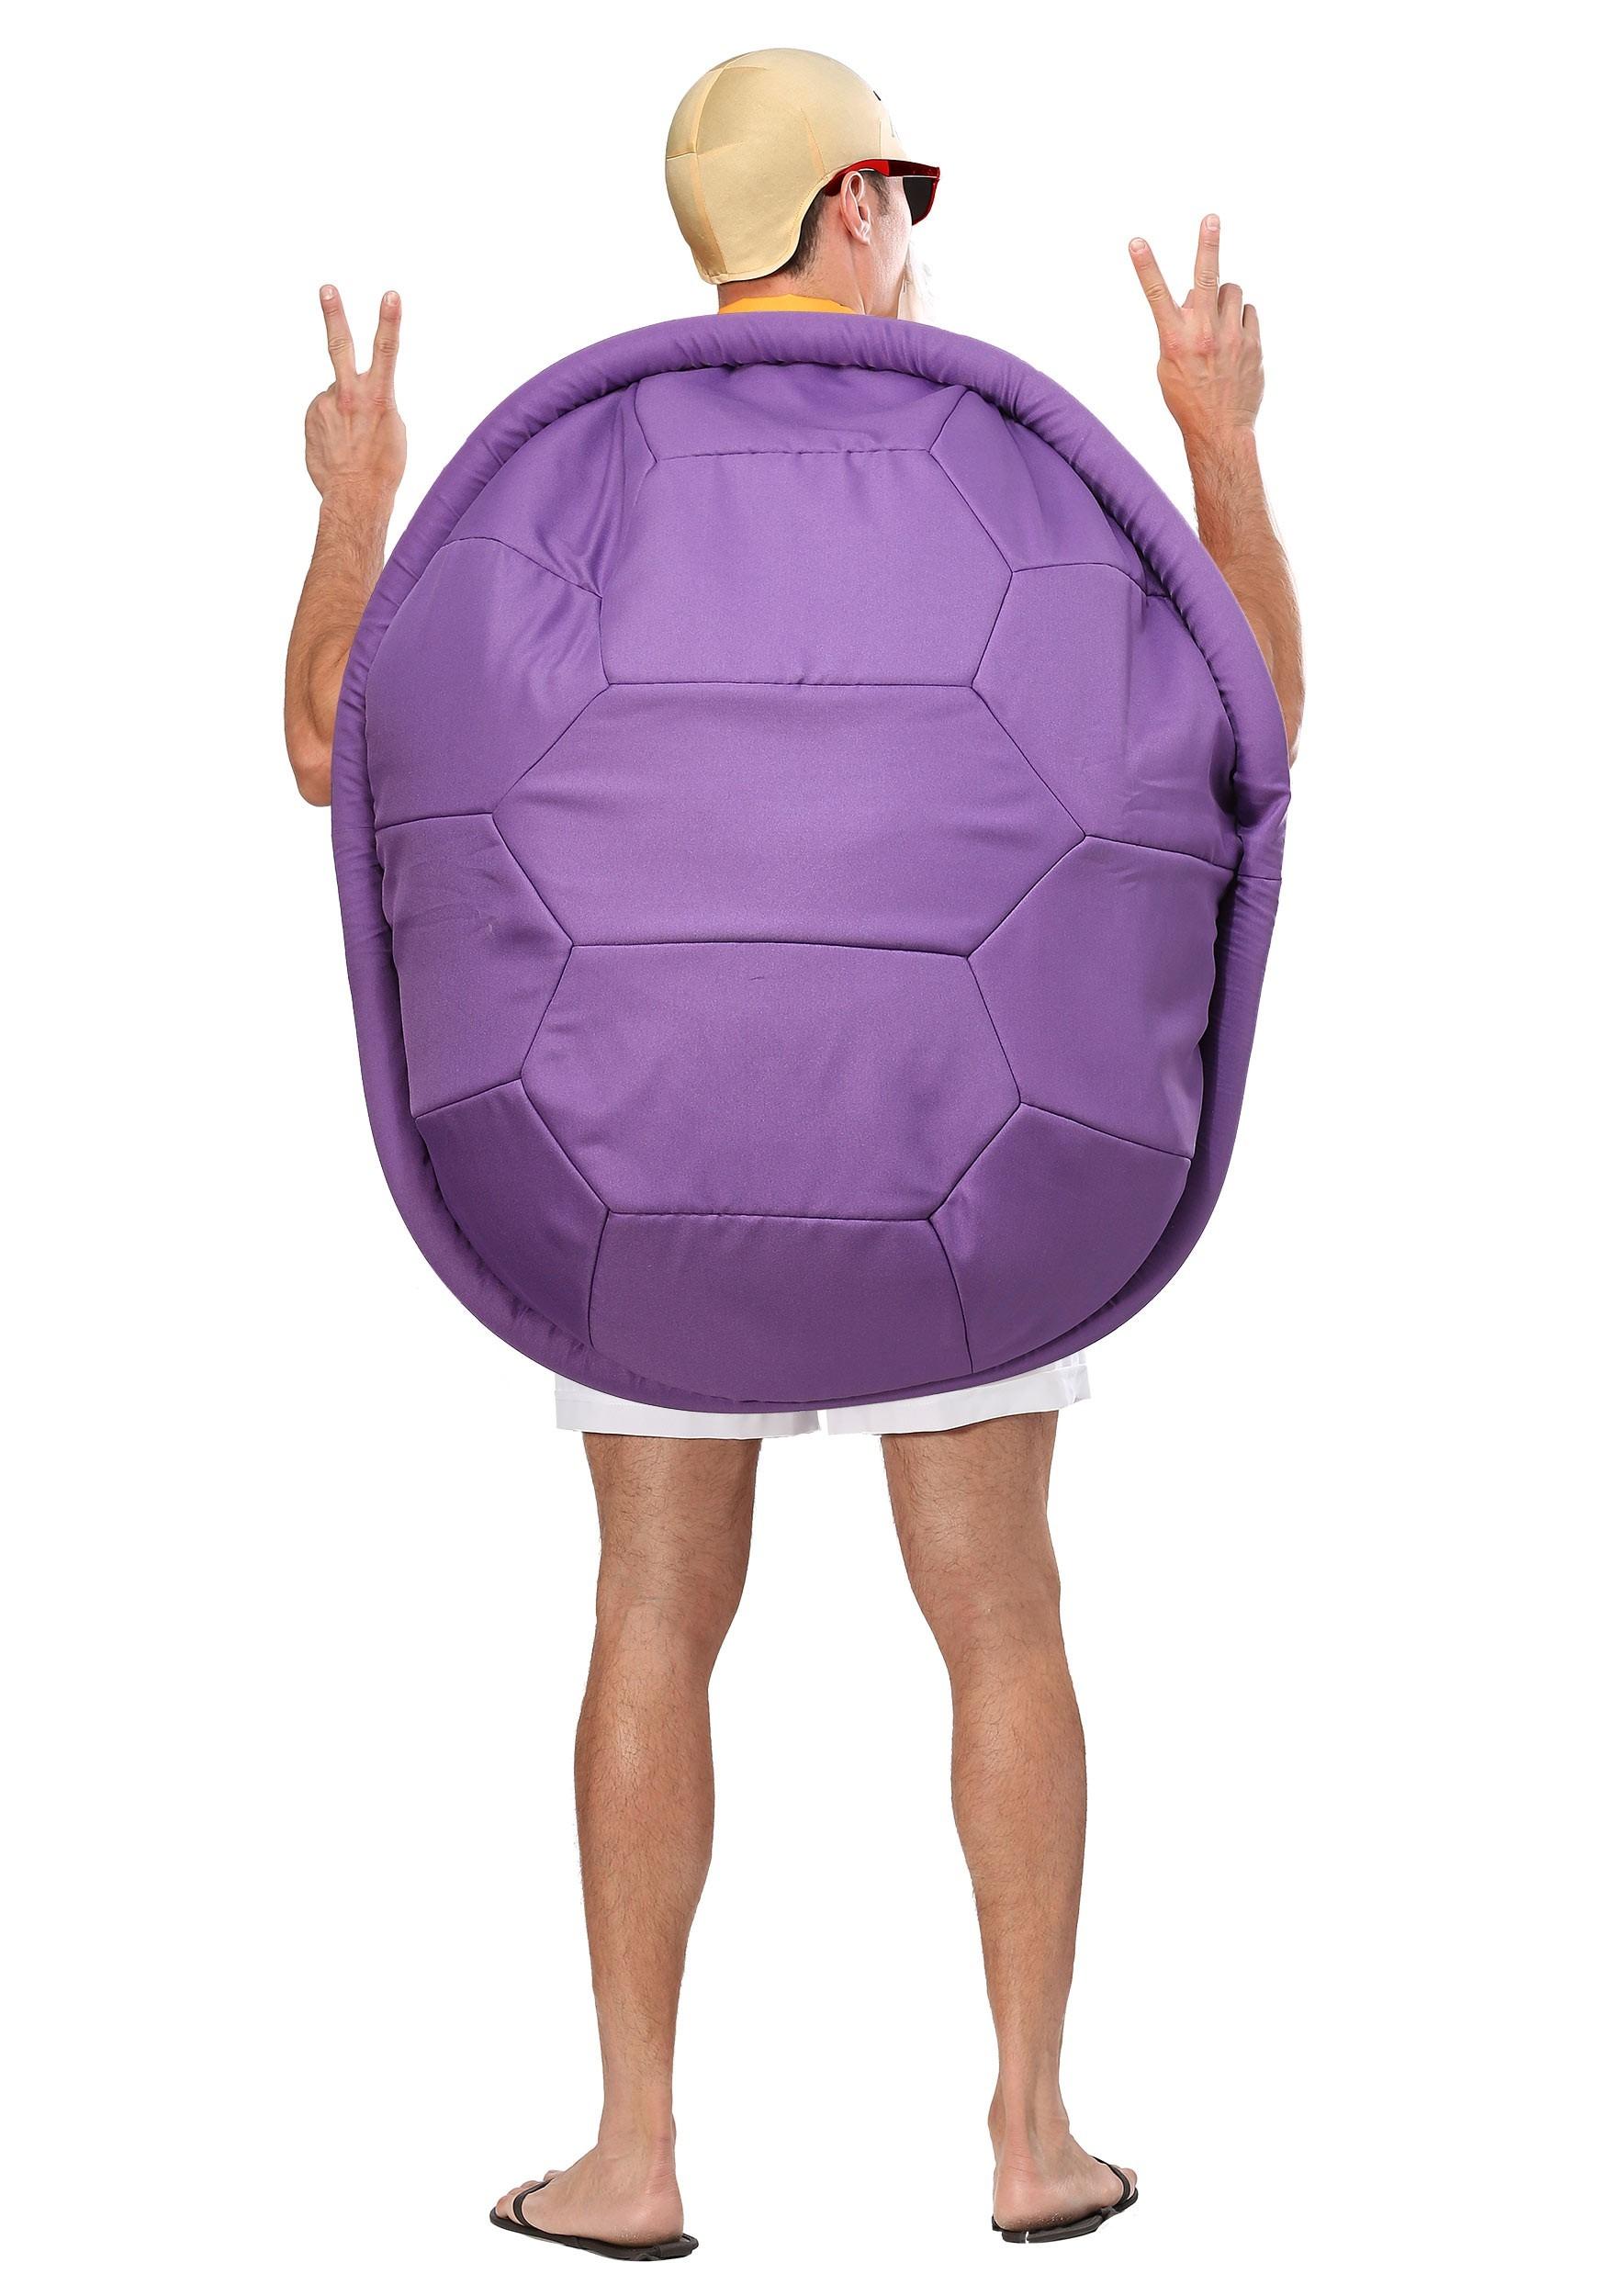 Dragon Ball Z Master Roshi Costume for Men